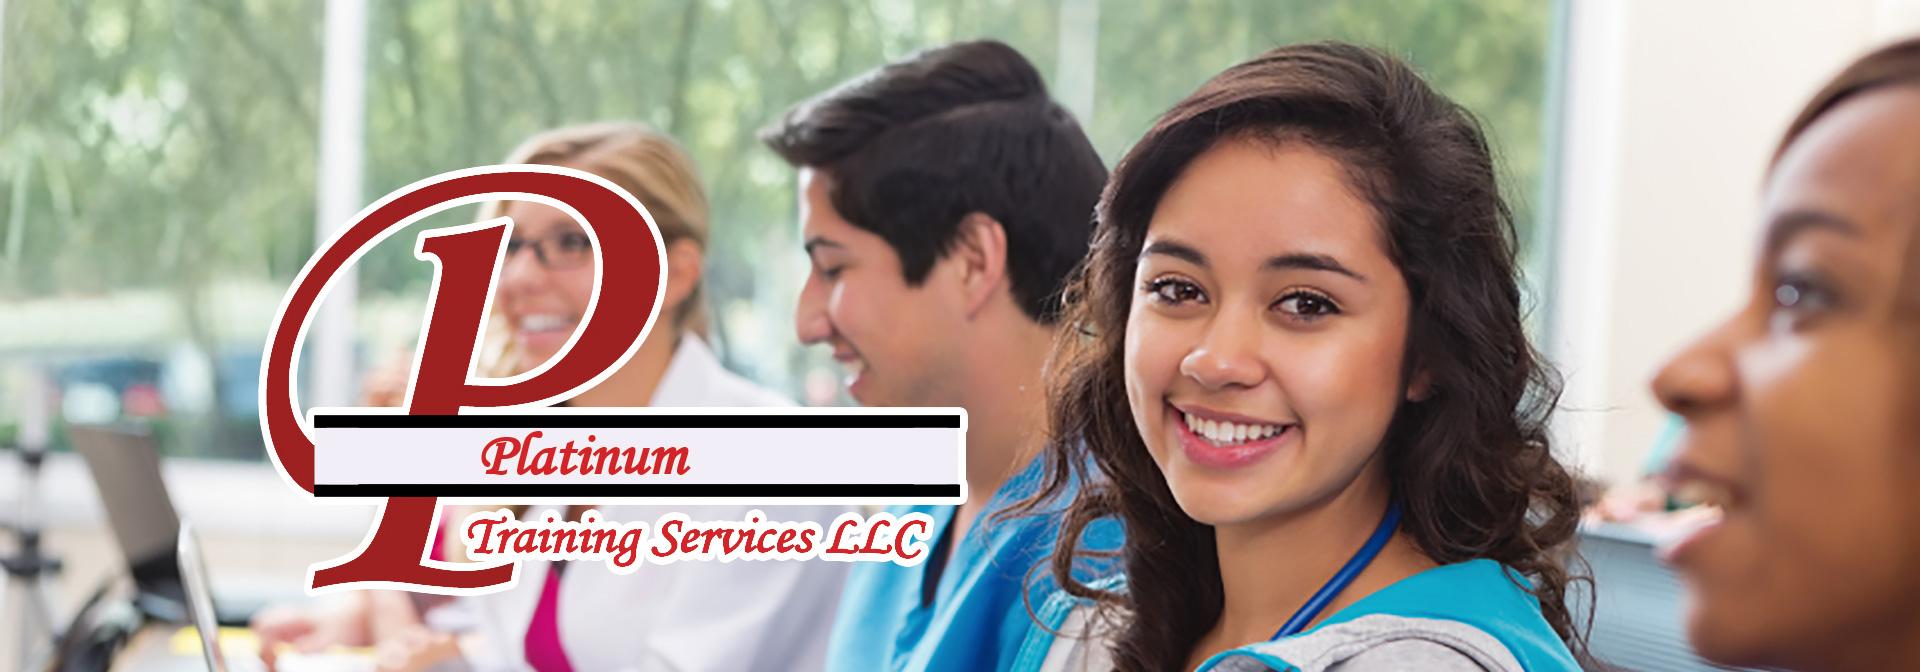 Platinum Training Services Llc Caregiver Training Program